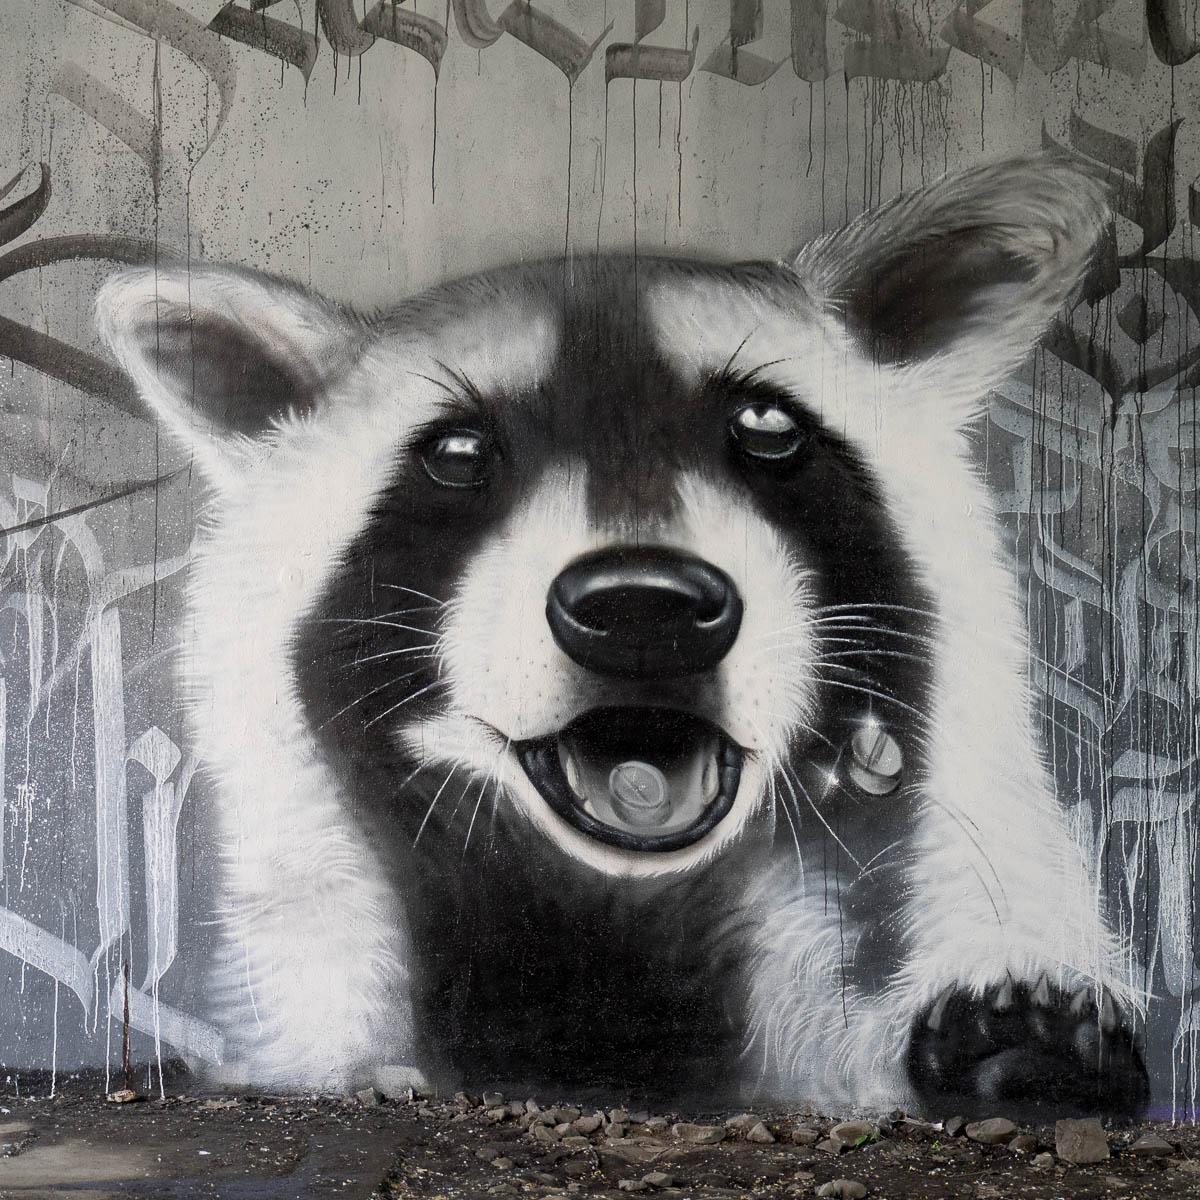 Frankfurt - Graffiti unter der Friedensbrücke - Von Waschbären, Monotonie und Tod